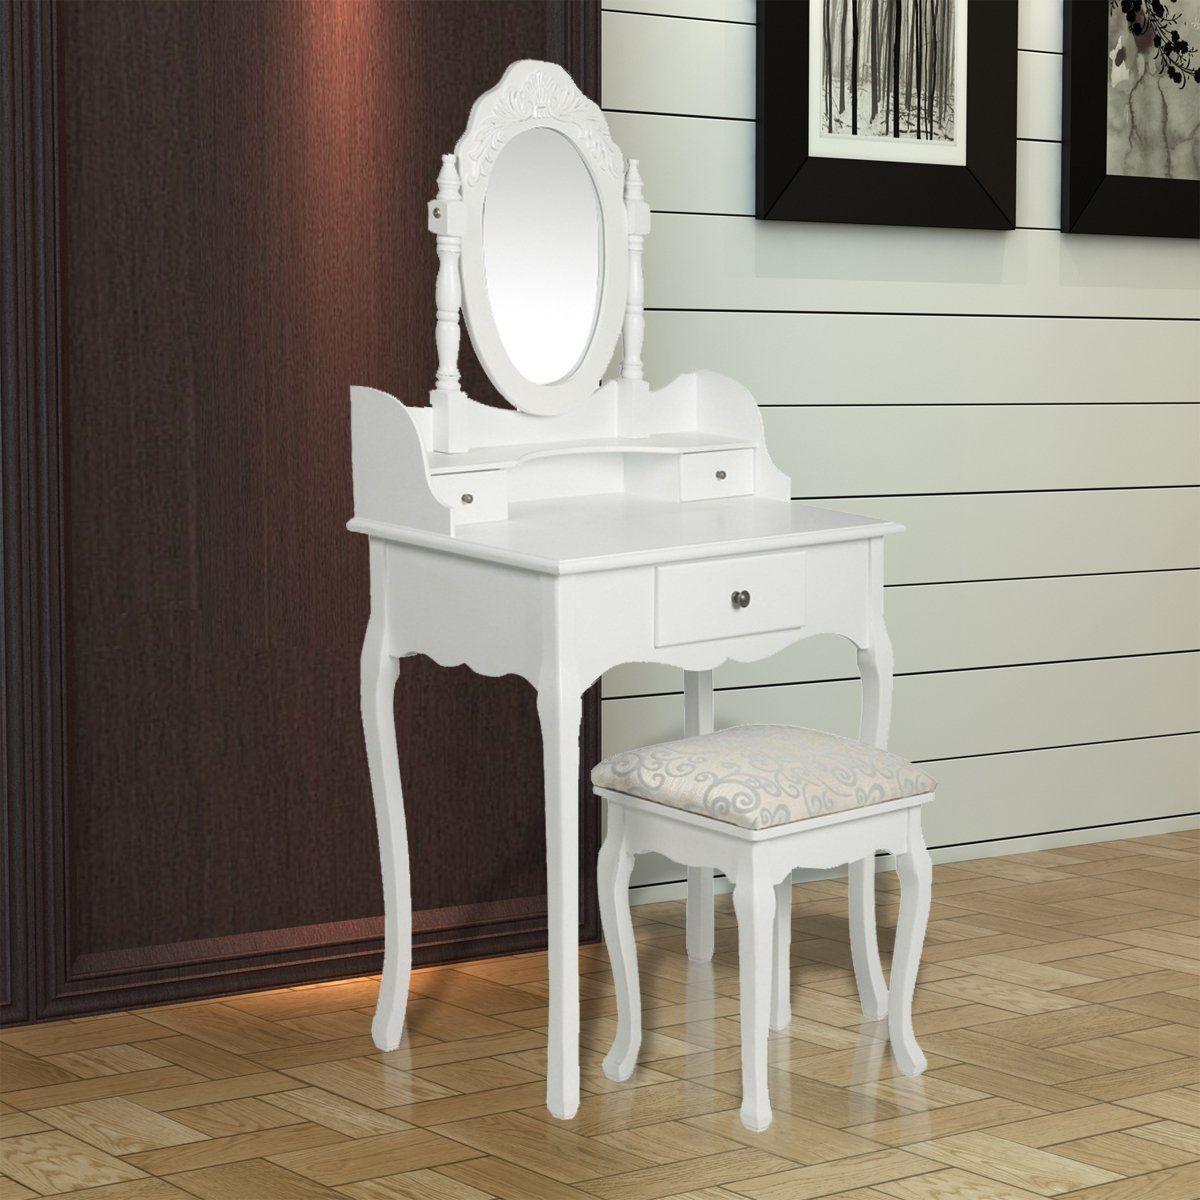 h bscher schminktisch frisiertisch schminkkommode in wei mit spiegel und hocker. Black Bedroom Furniture Sets. Home Design Ideas